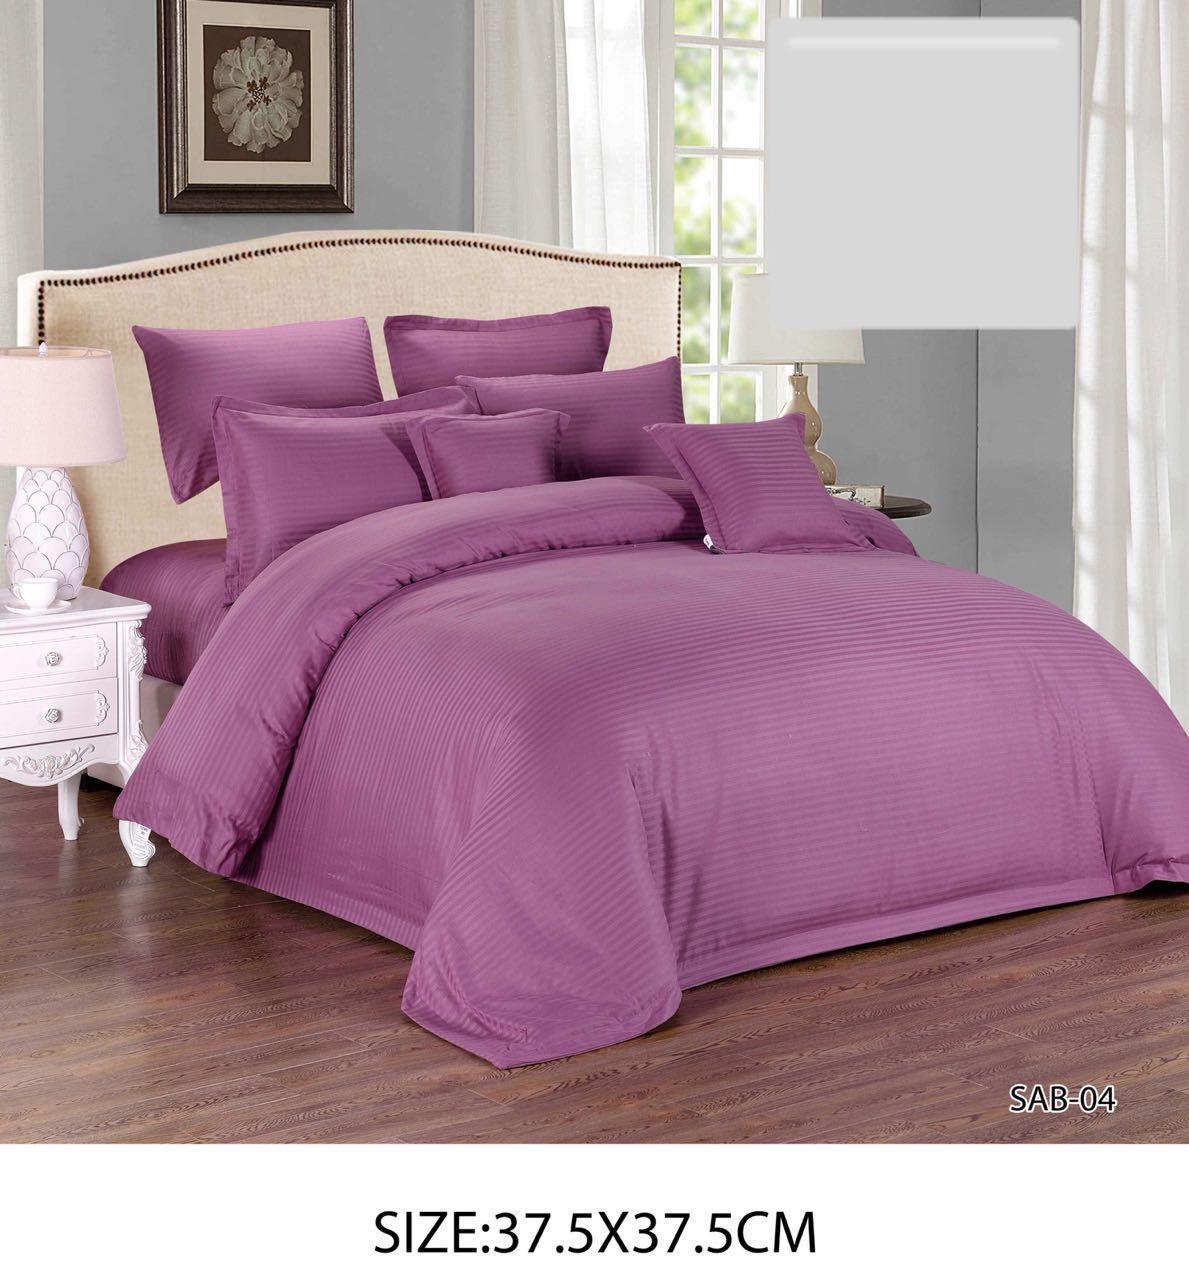 لطلب واتس اب فقط 0543221247 توفر لحاف فندقي قطن ١٠٠ ٩ قطعه معا بيت لحاف مرة حلو ١ لحاف منفوش ساده ٢٤٠ ٢٦٠ ١ بيت لحاف سحاب ٢٤٠ ٢٦٠ ١ Bed Comforters Blanket